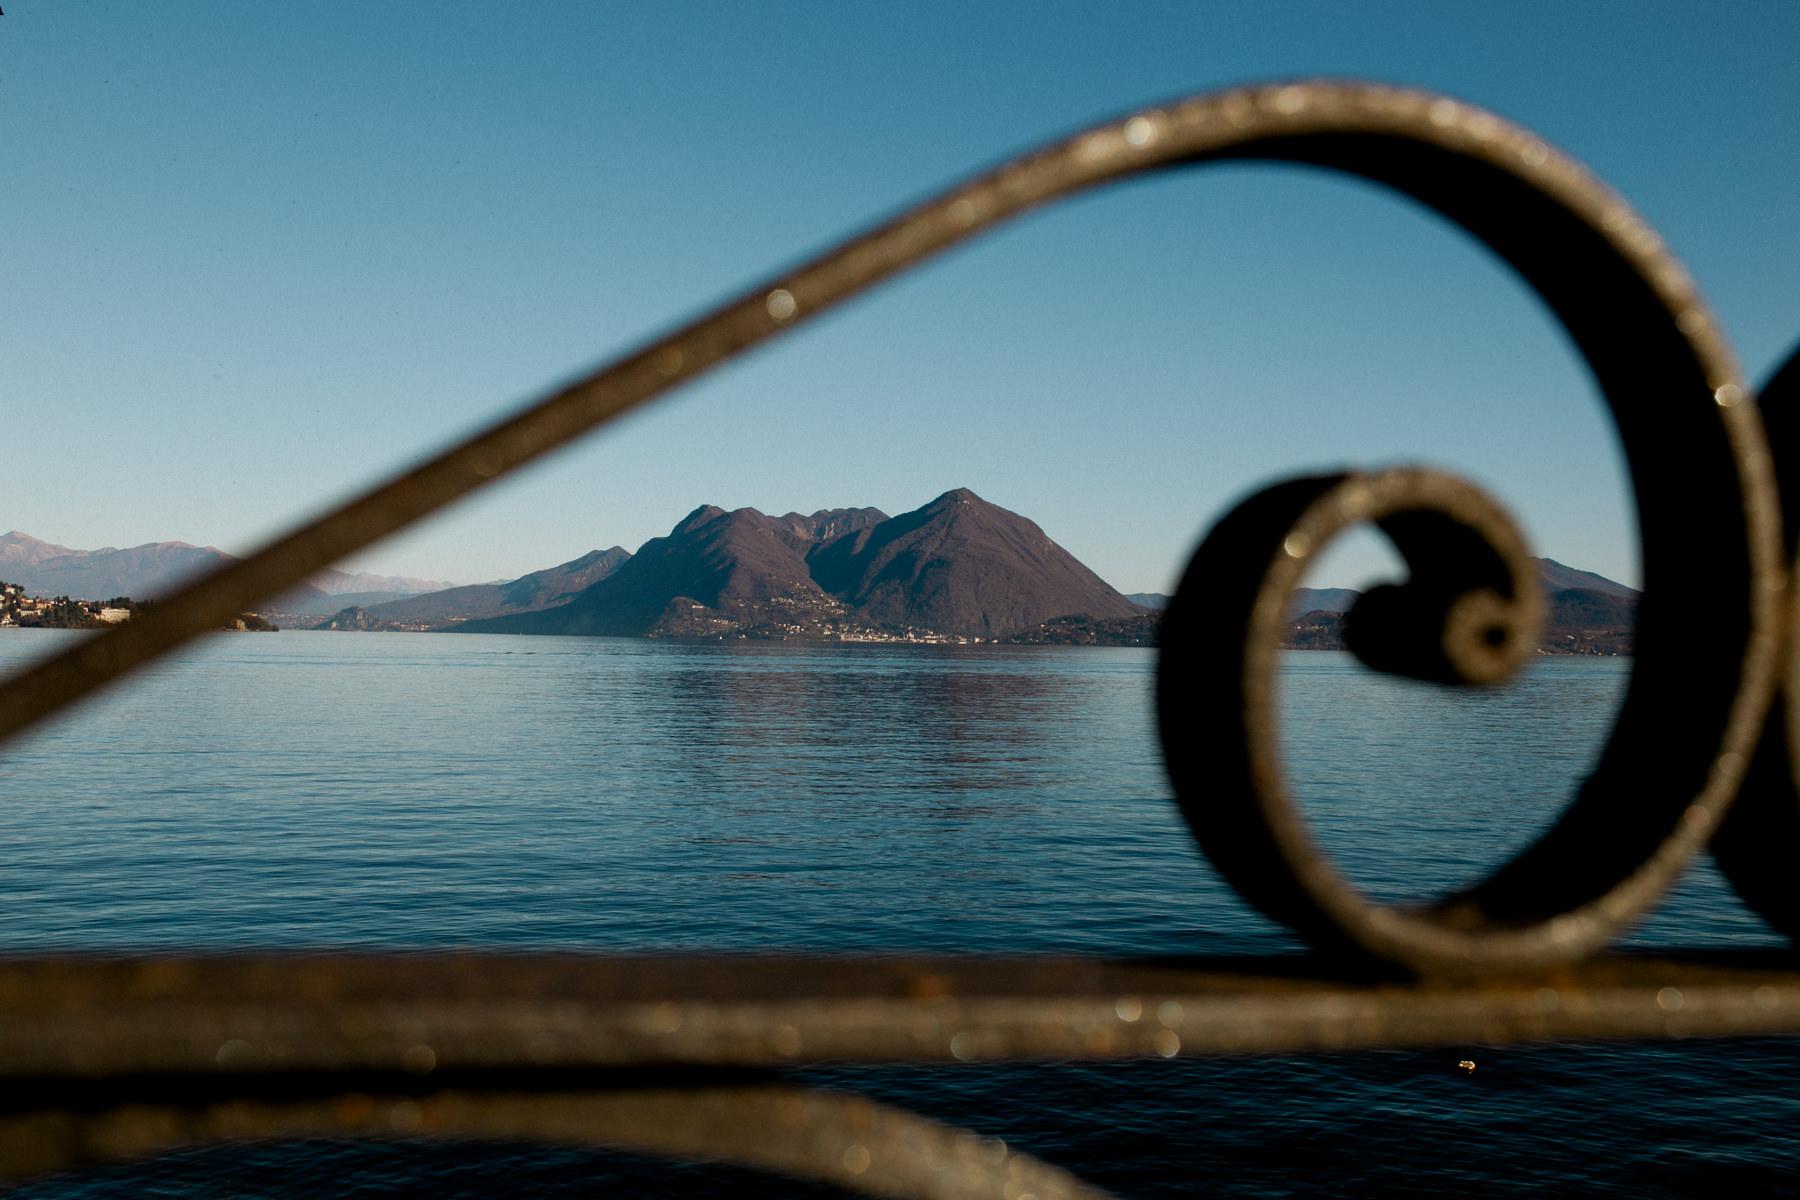 lago_maggiore_italy_liviafigueiredo_8396.jpg